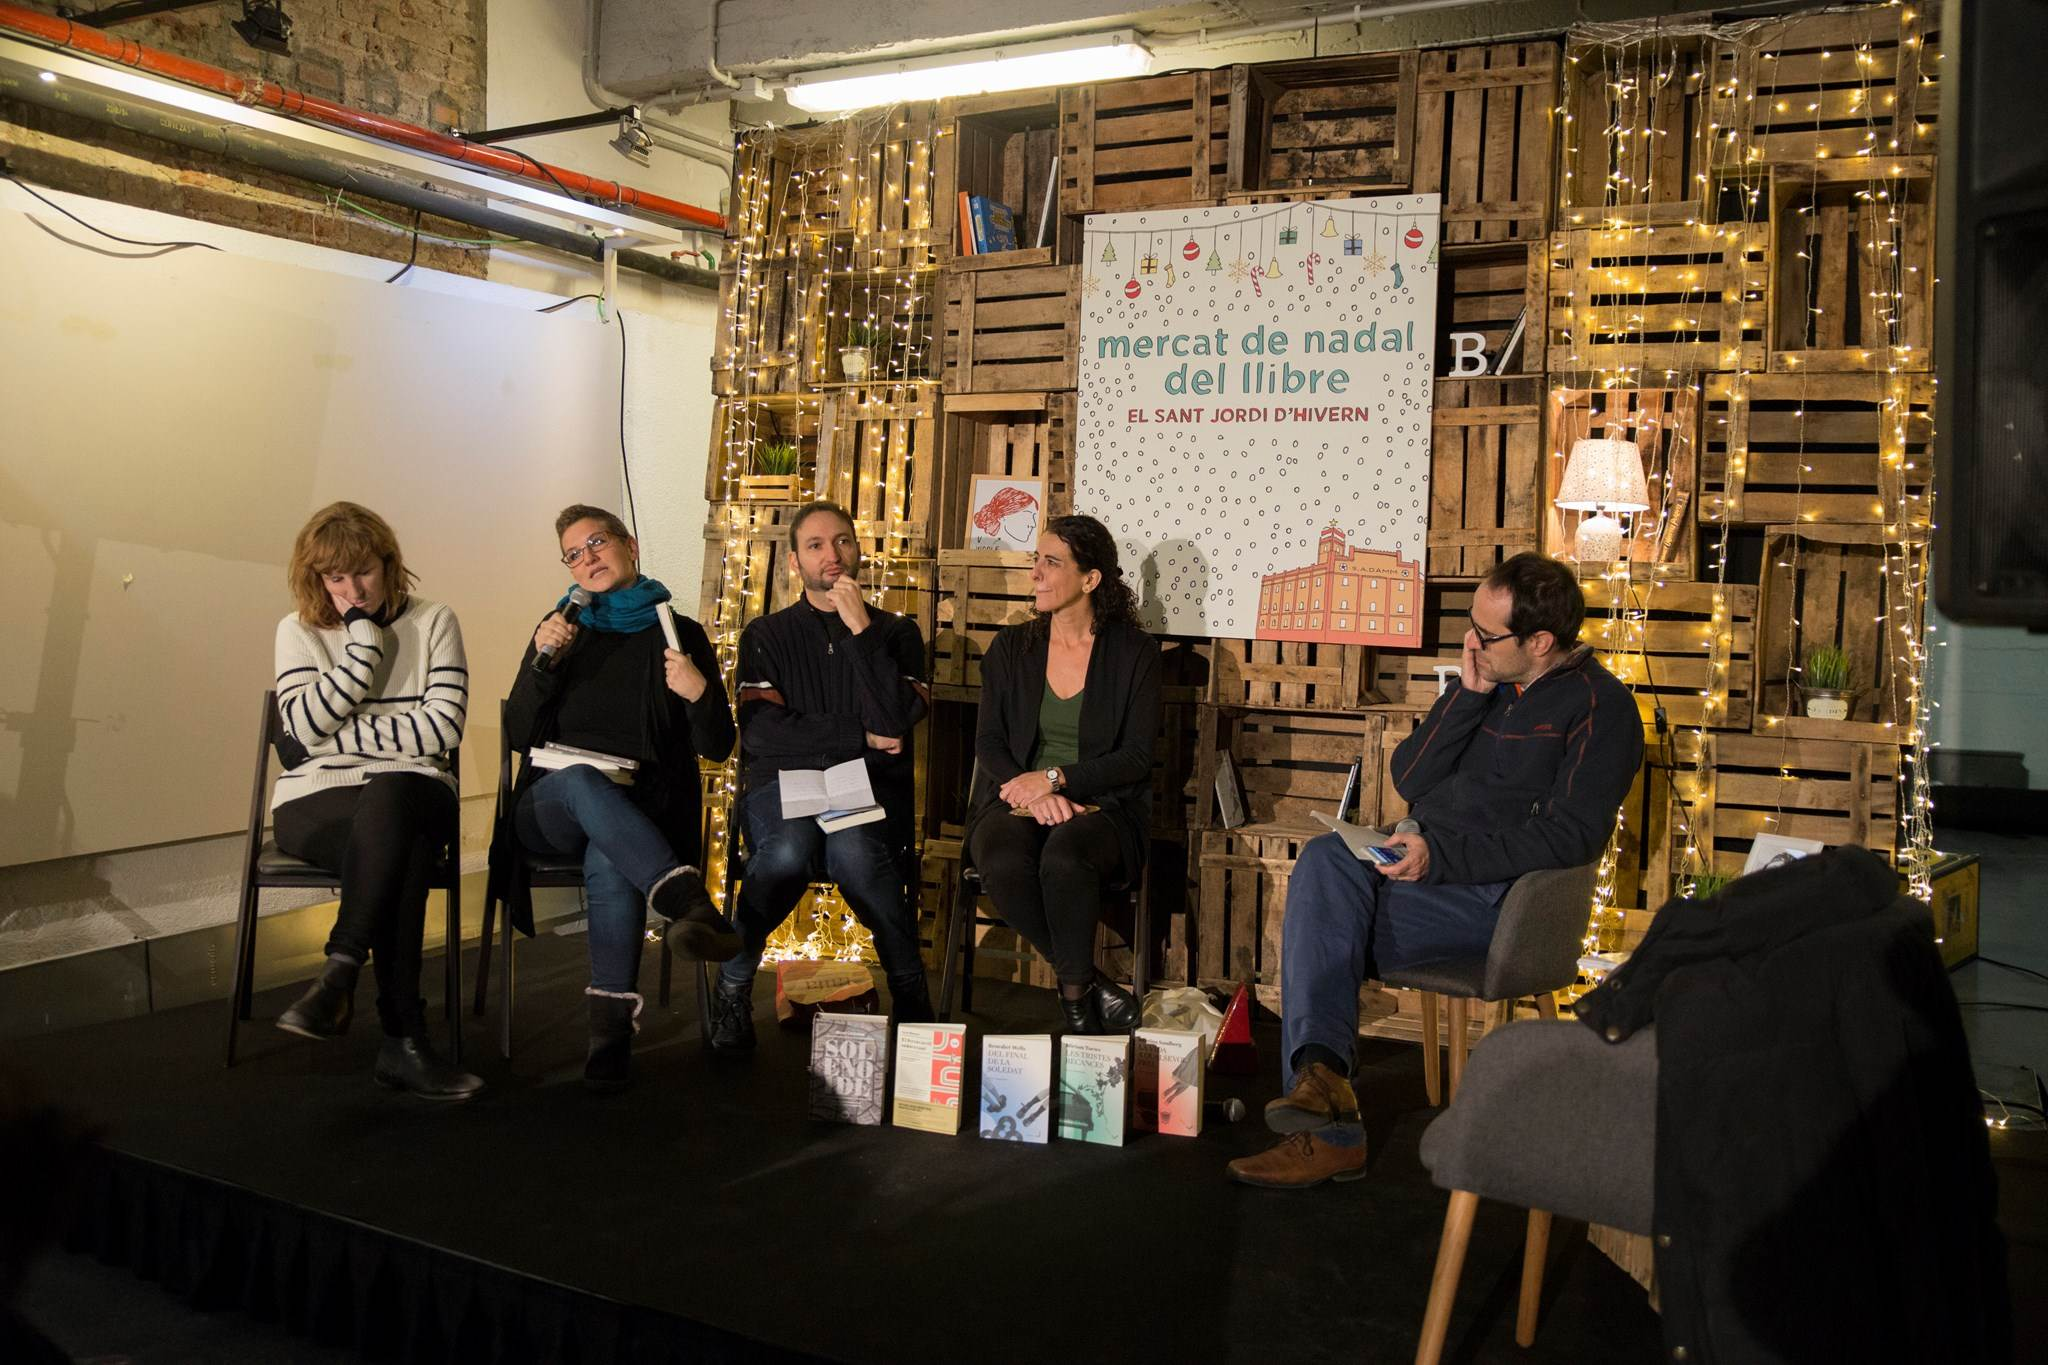 Eugènia Broggi, Laura Huerga, Aniol Rafel, Maria Sempere, amb Bernat Puigtobella al combat d'editorials